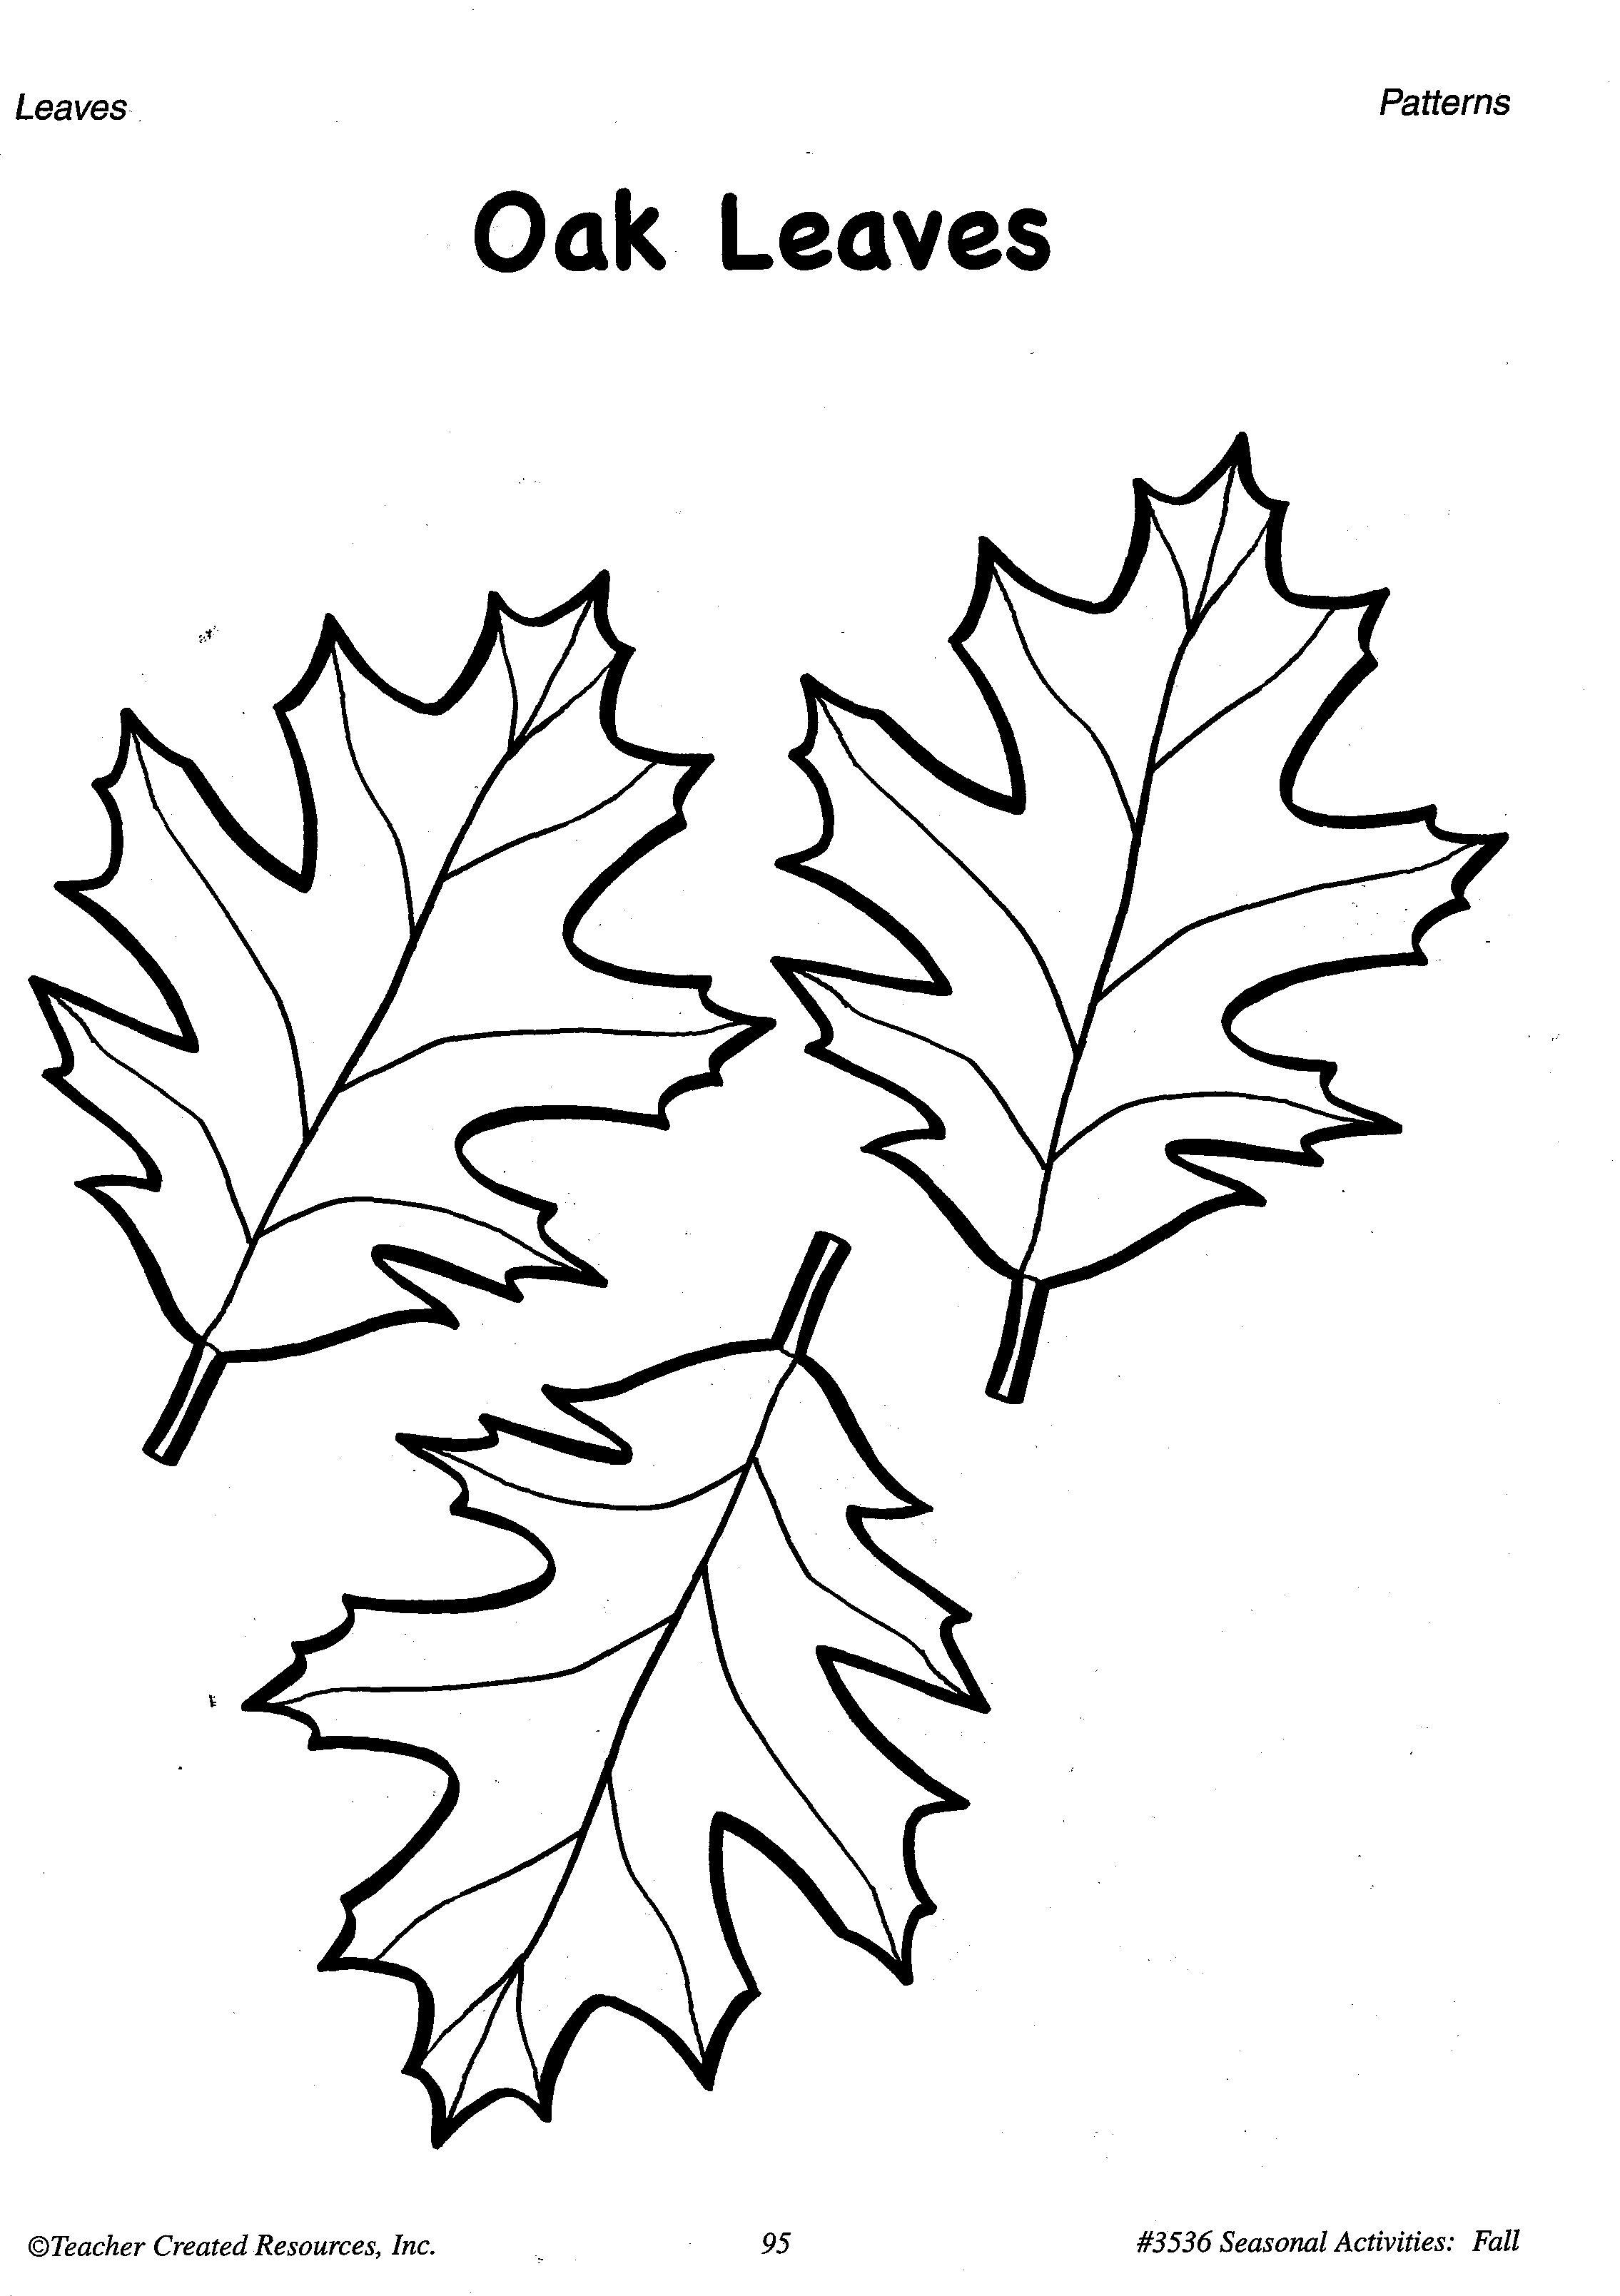 traceable leaf patterns coloring home. Black Bedroom Furniture Sets. Home Design Ideas